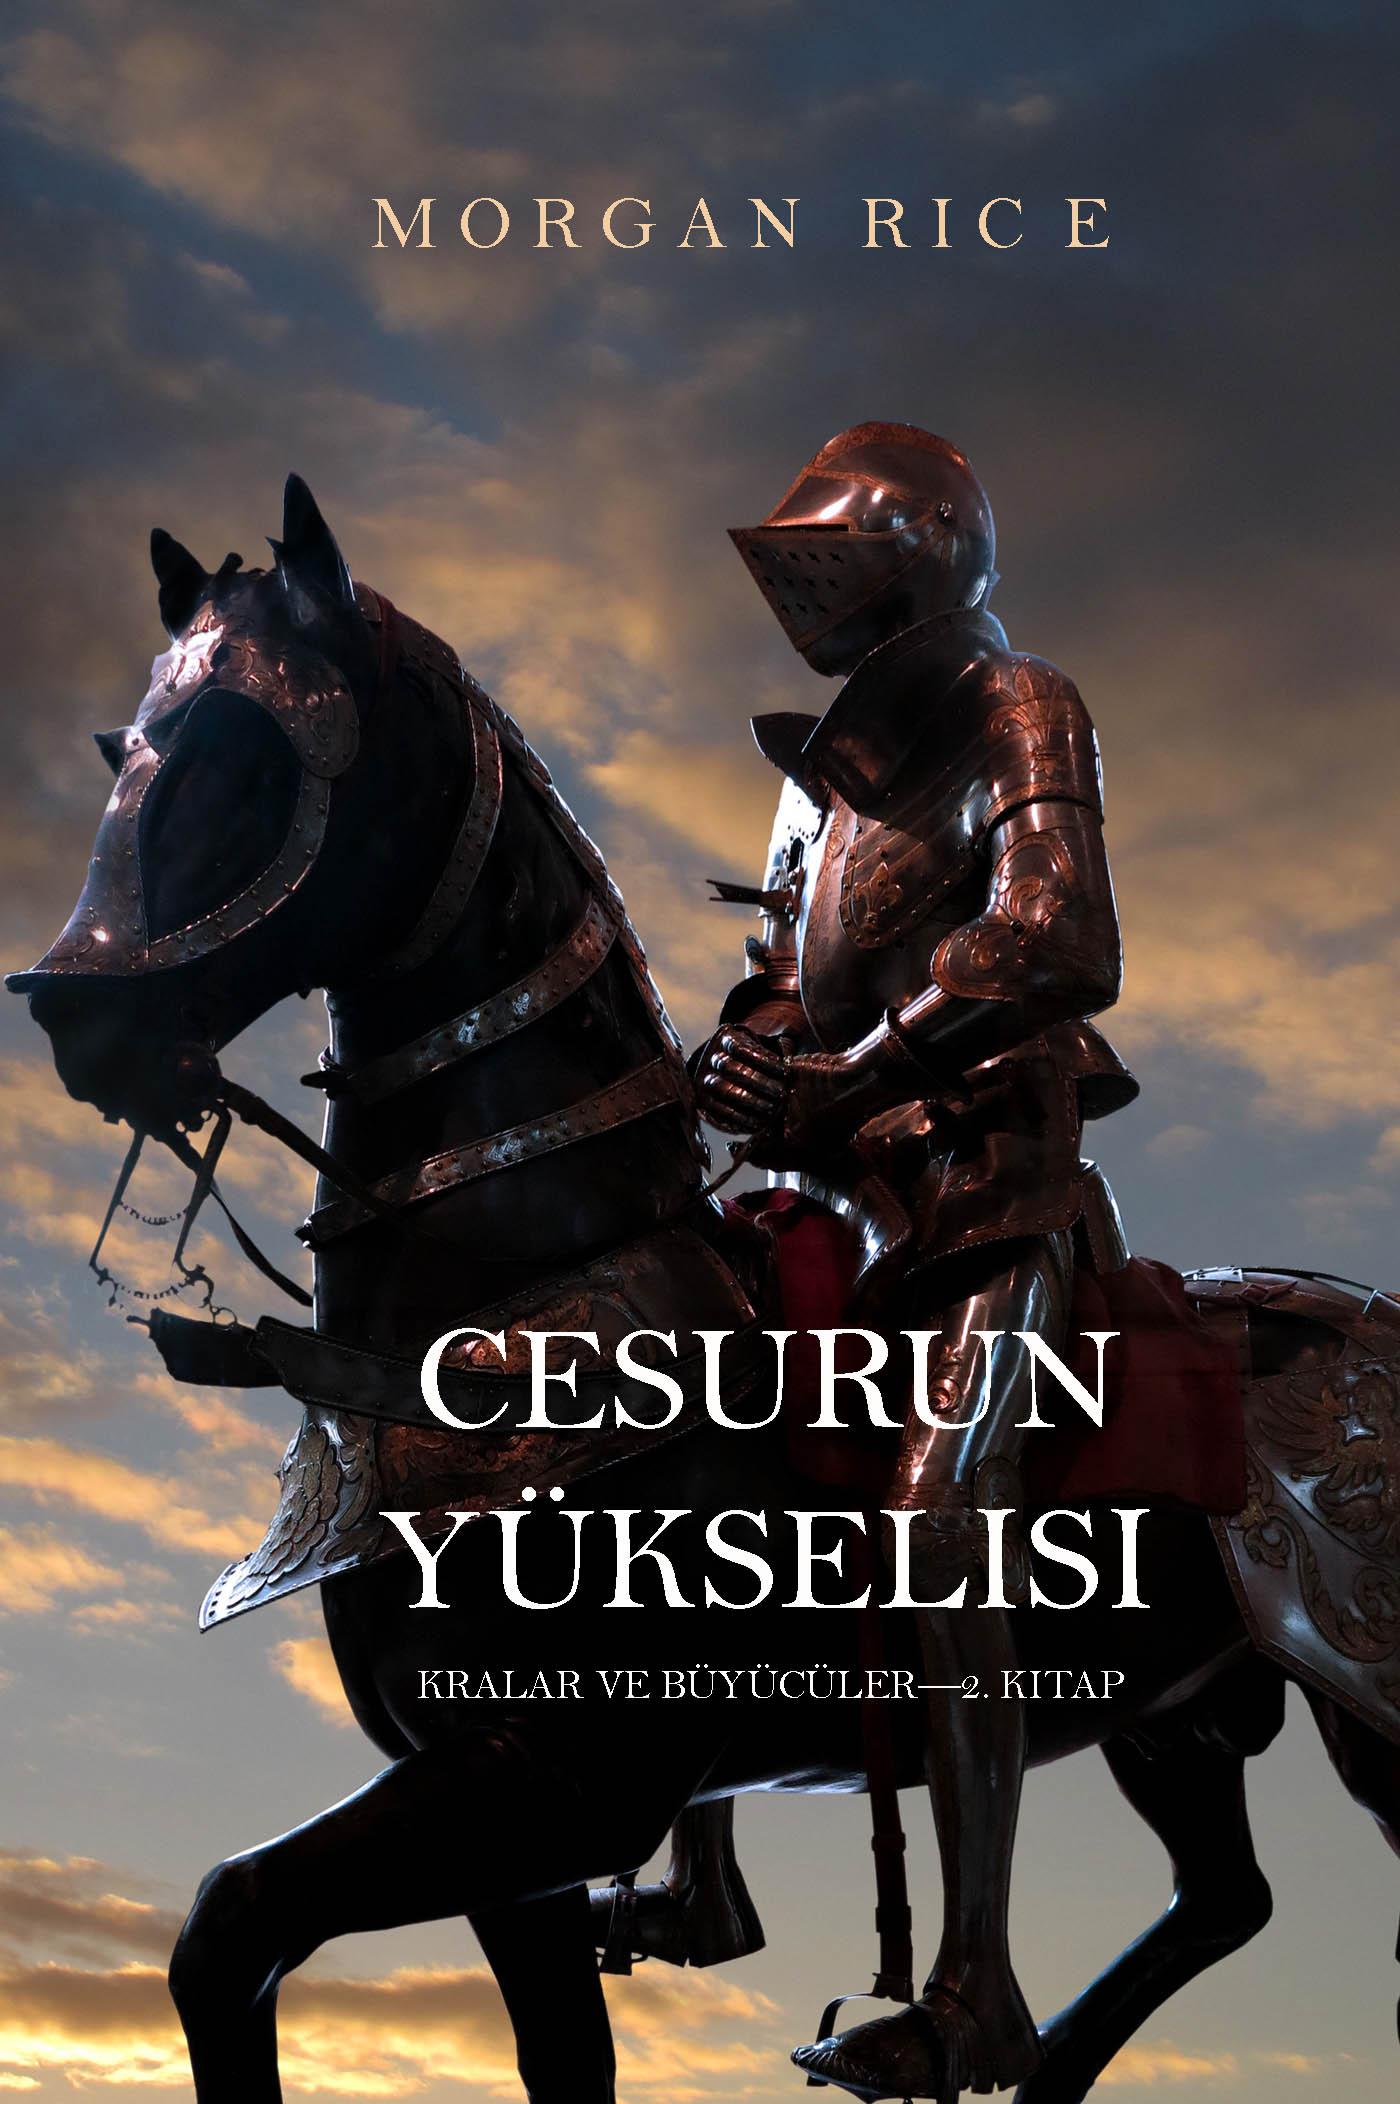 цена на Морган Райс Cesurun Yükselisi